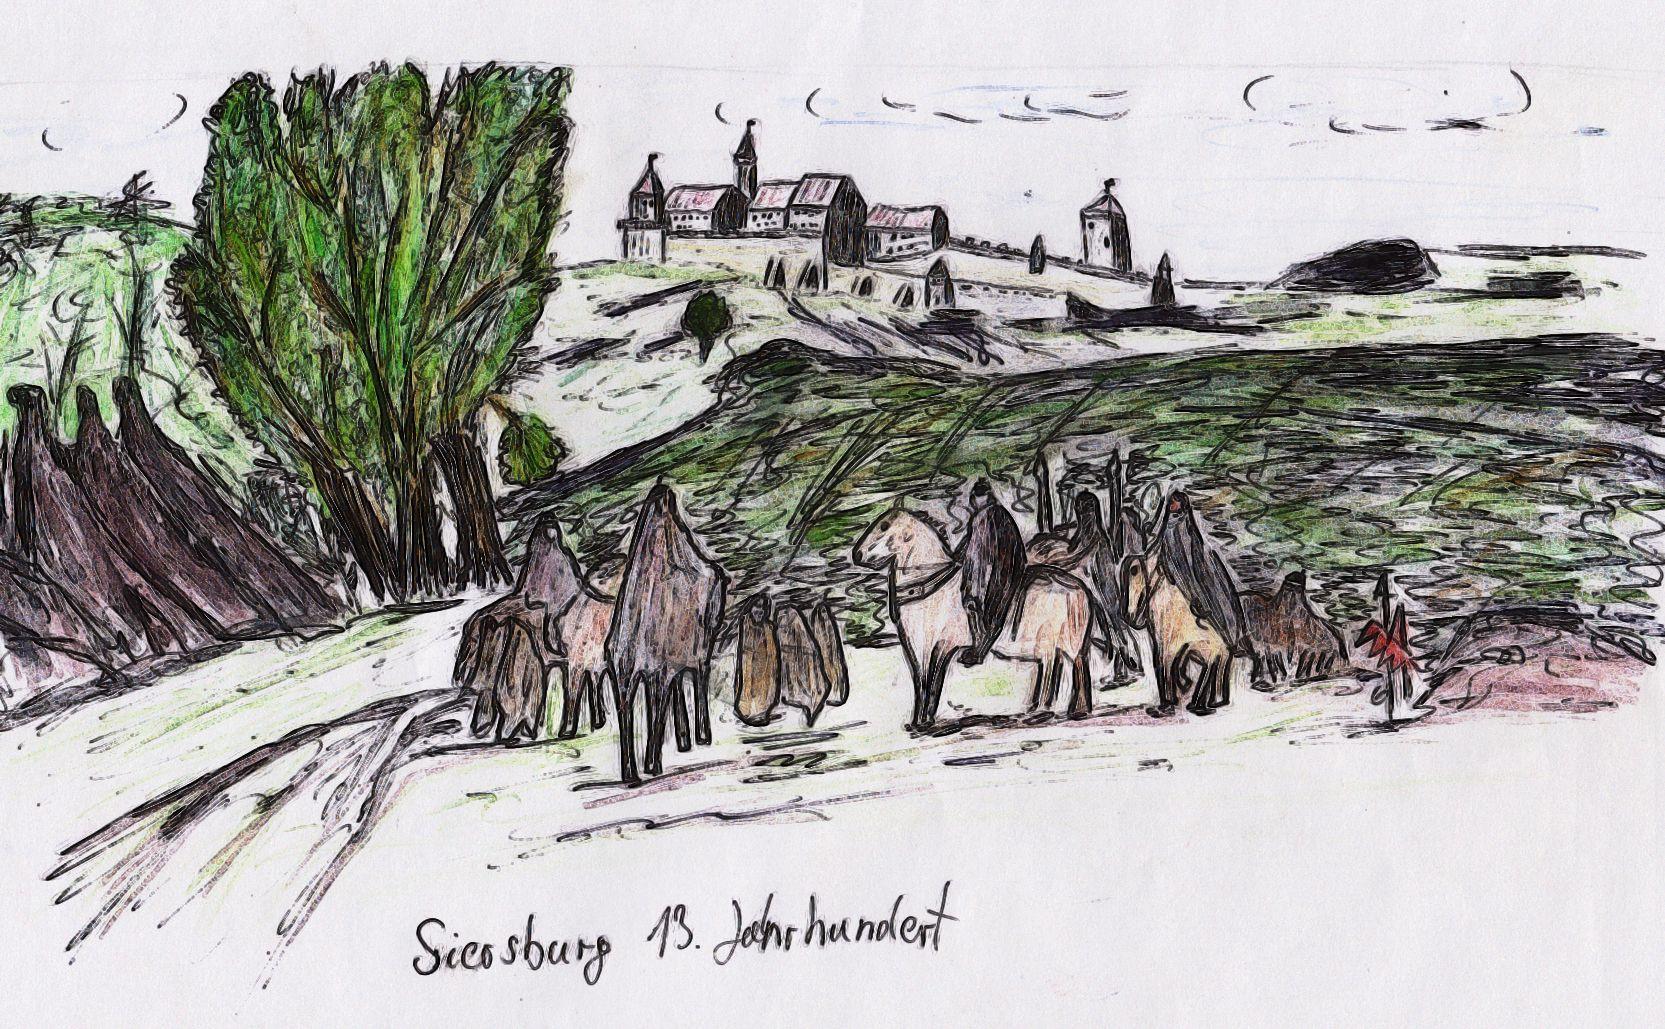 Die Siersburg thronend über der Nied. Im Saarland. Etwa um 1300